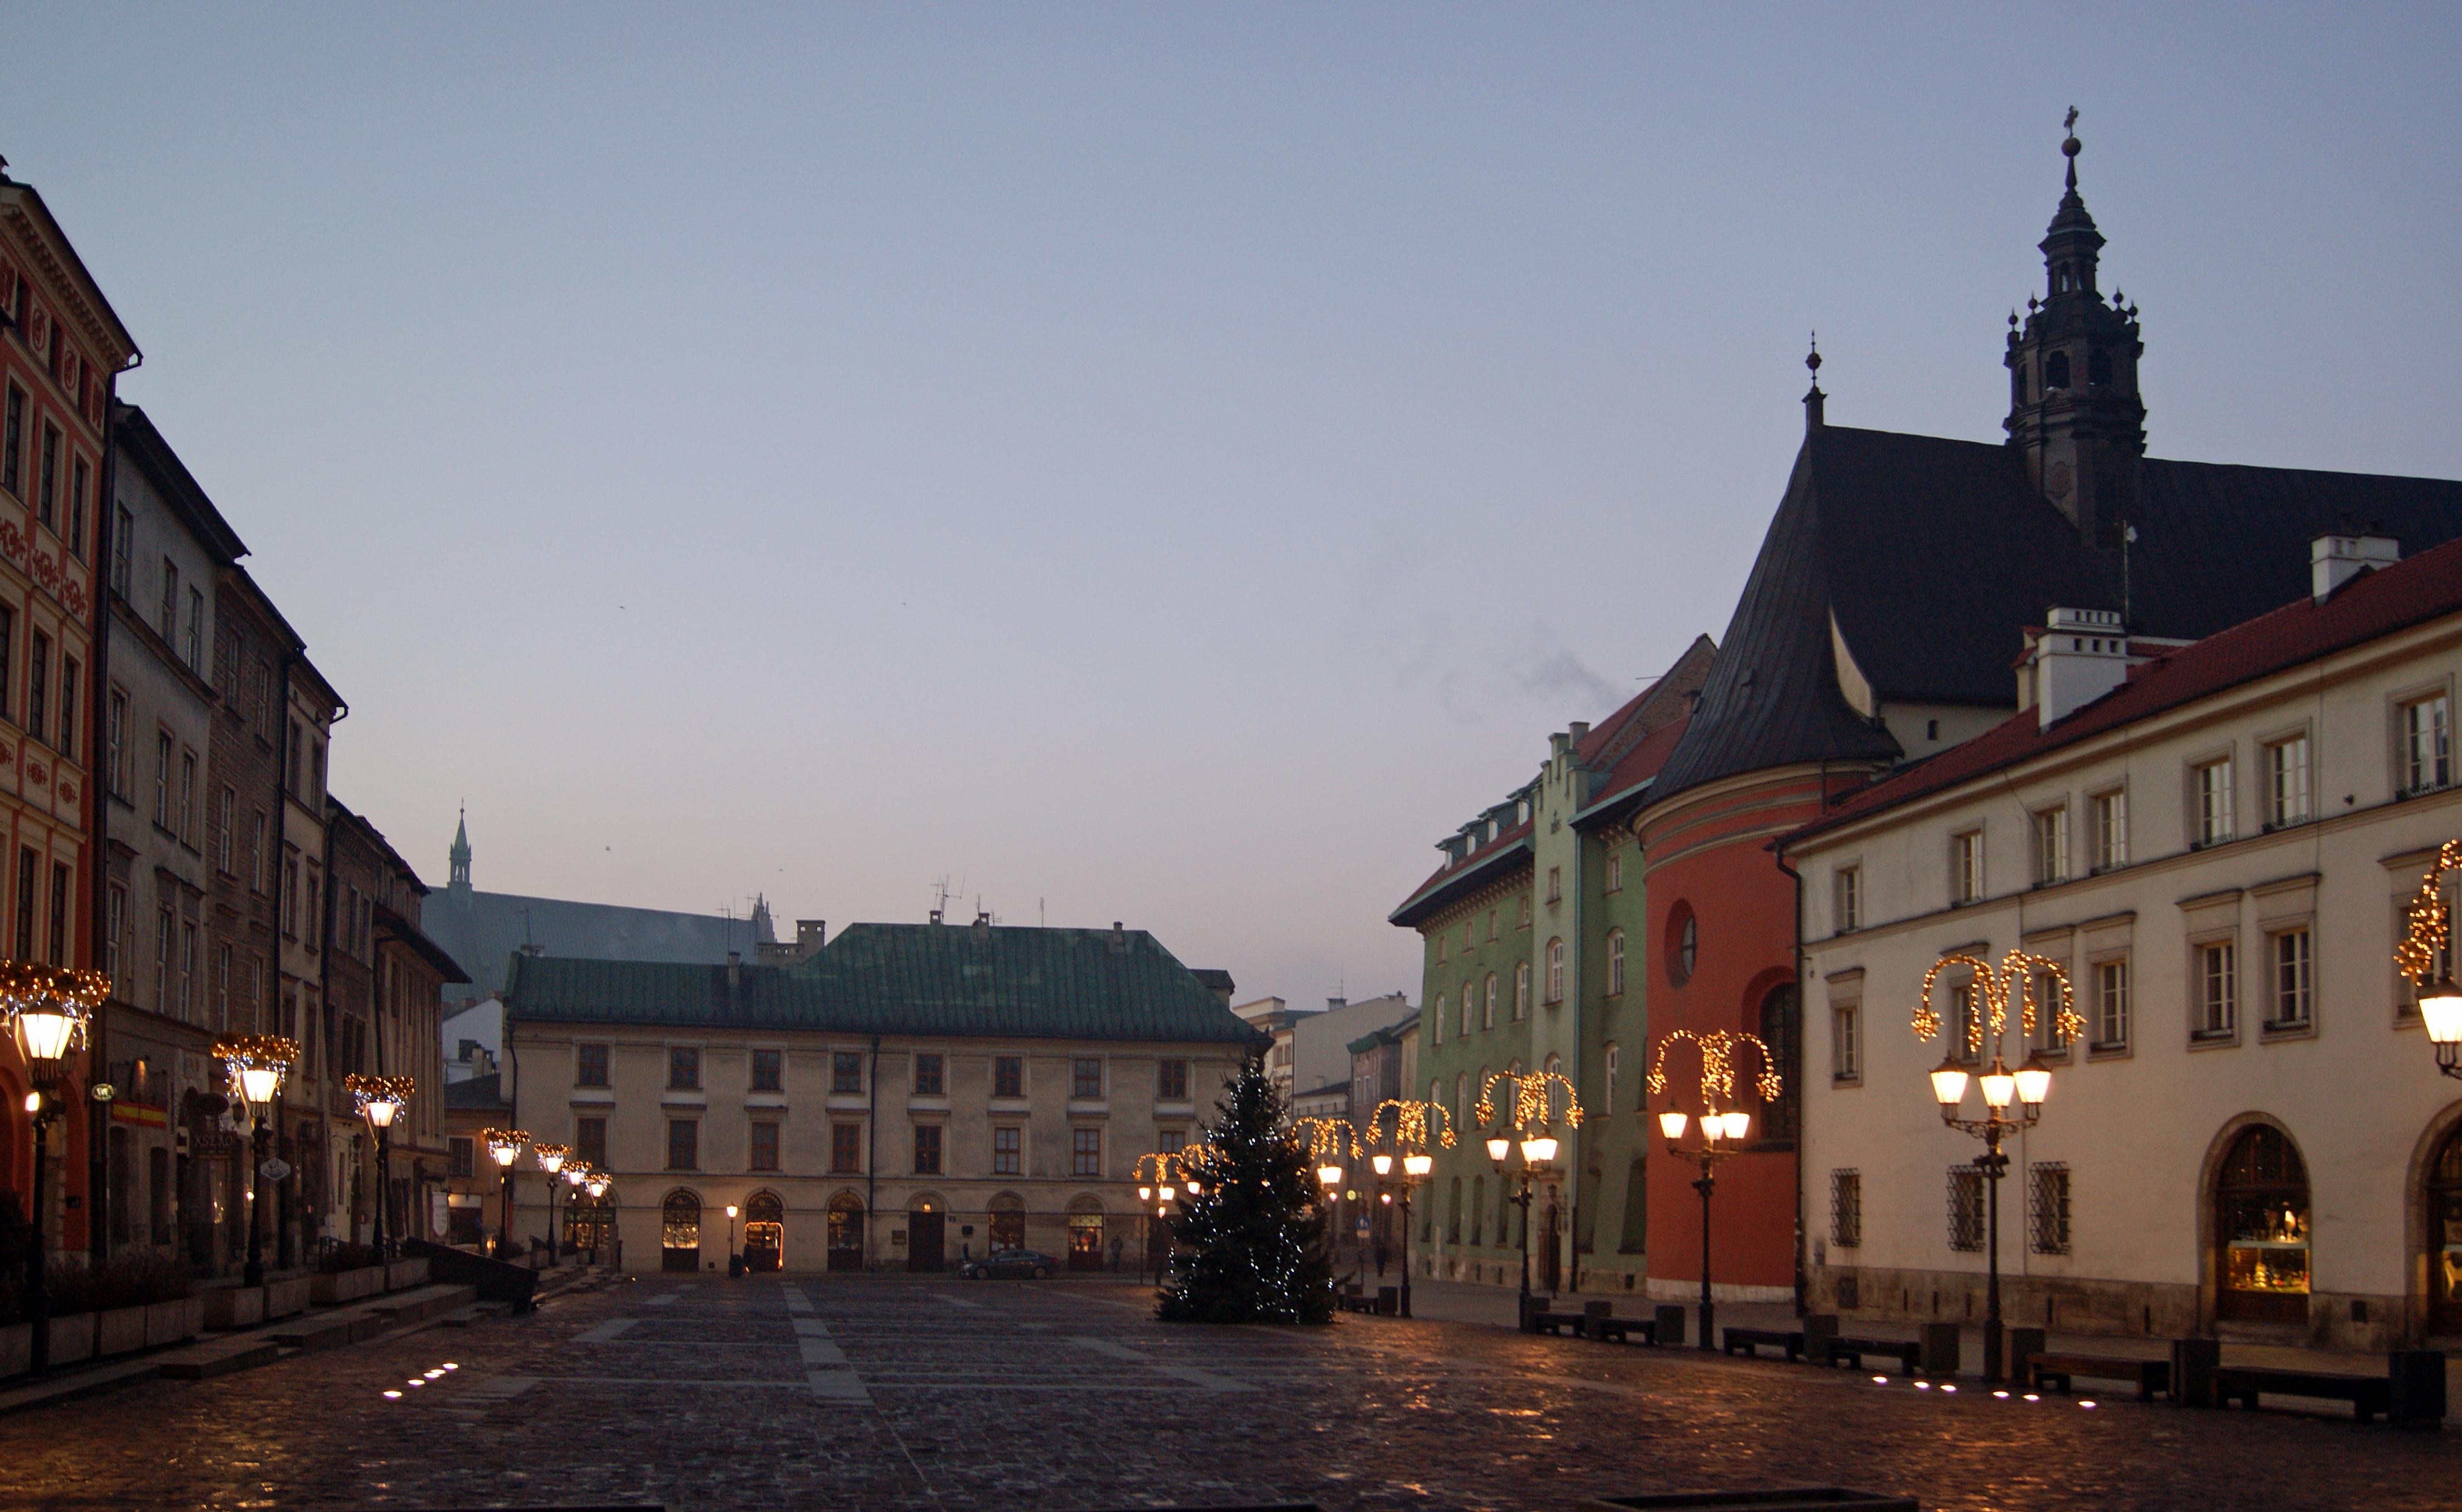 File:Old Town, Little Market Square, Krakow, Poland.jpg